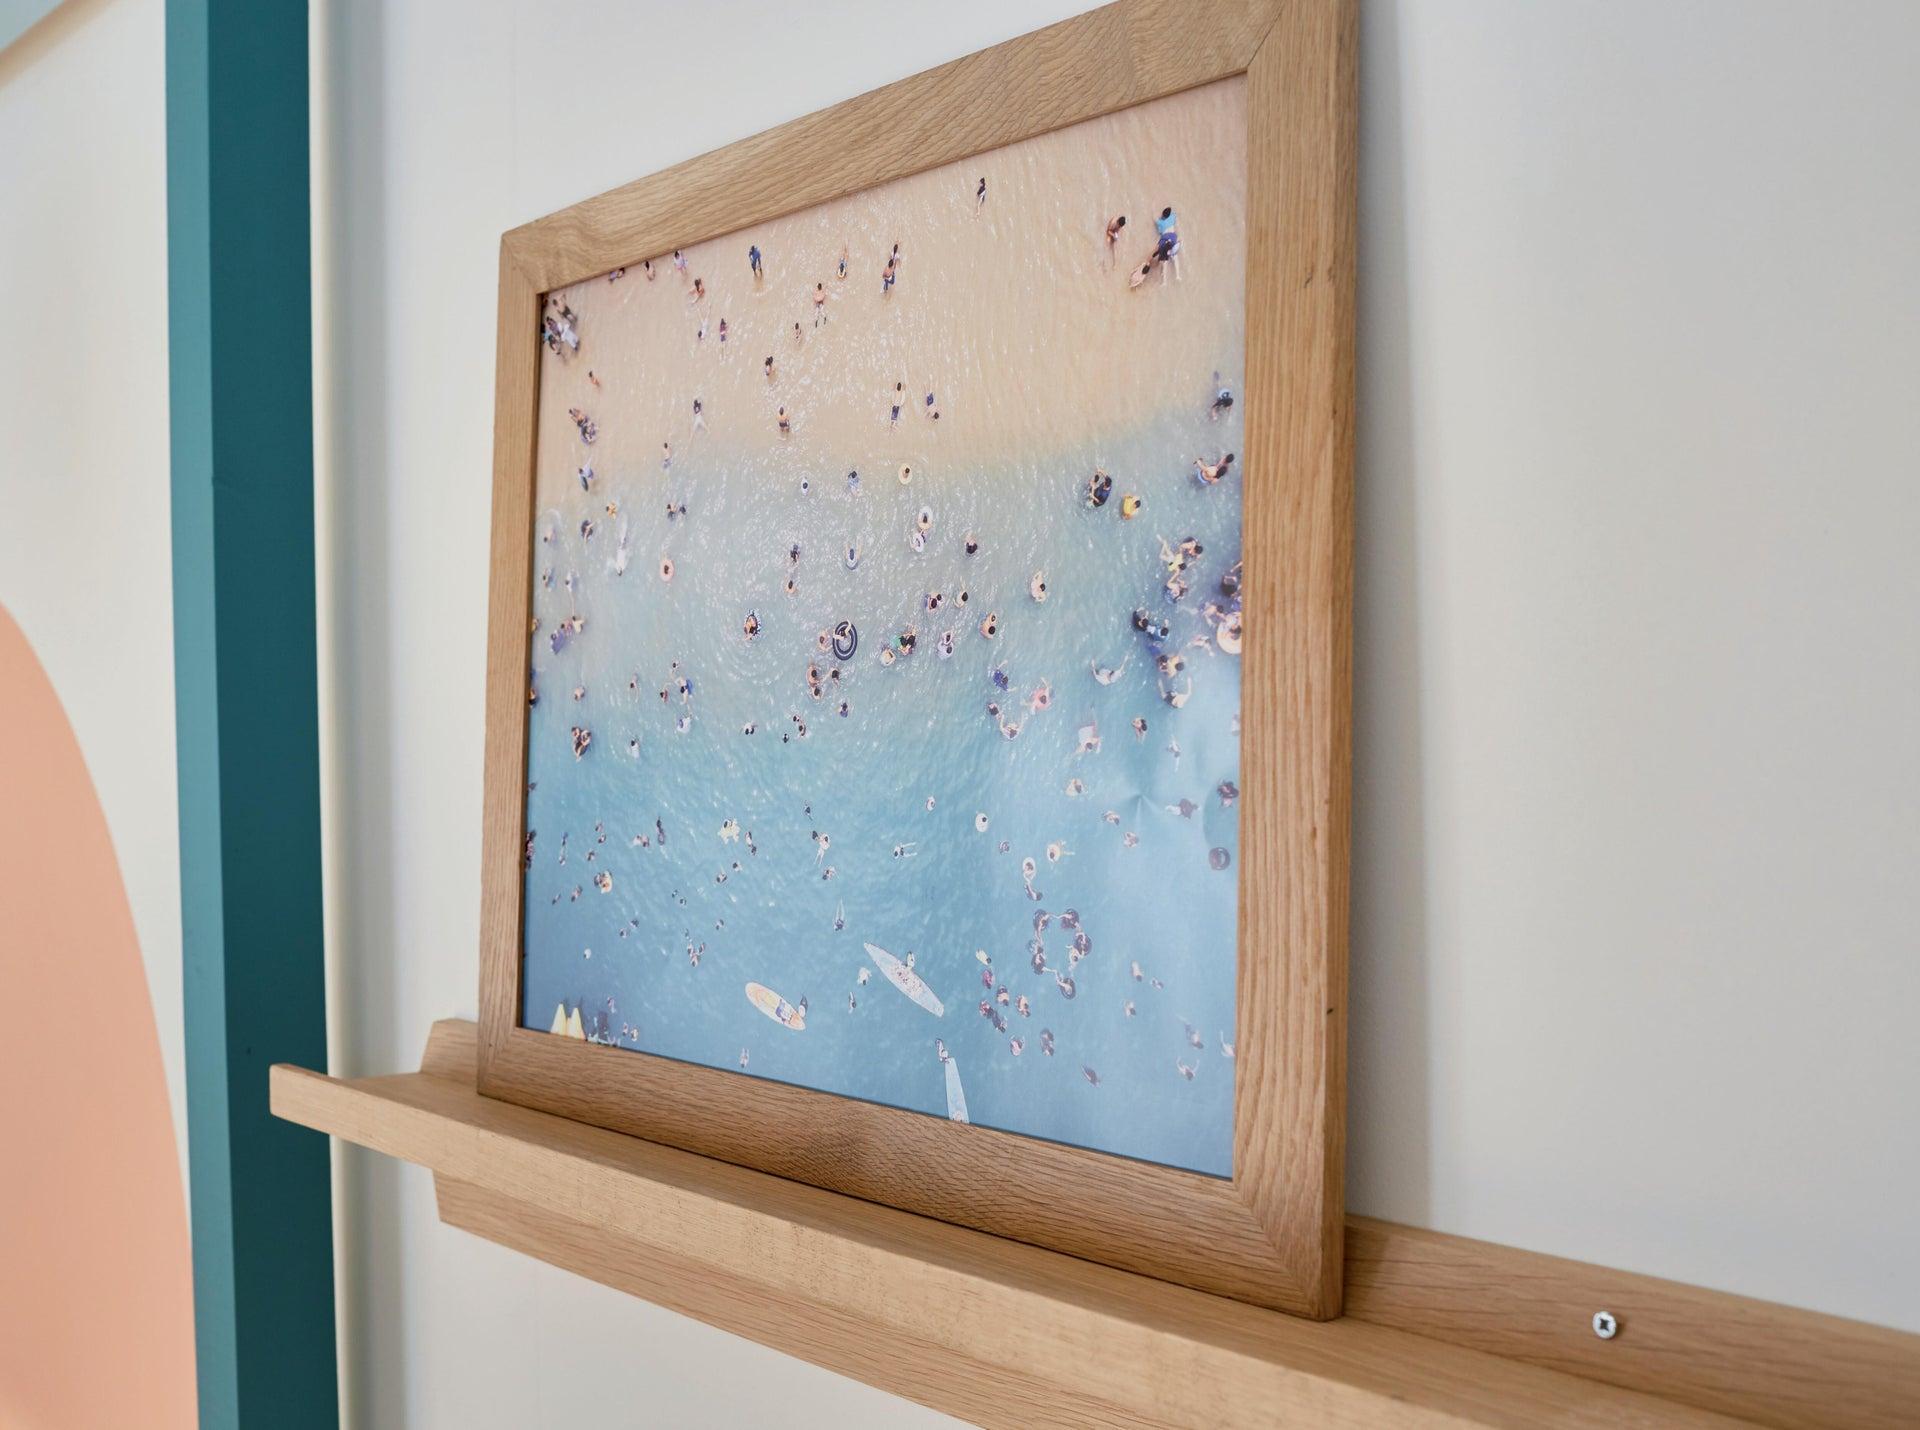 Cornice con passe-partout Inspire nakato rovere 50x70 cm - 2